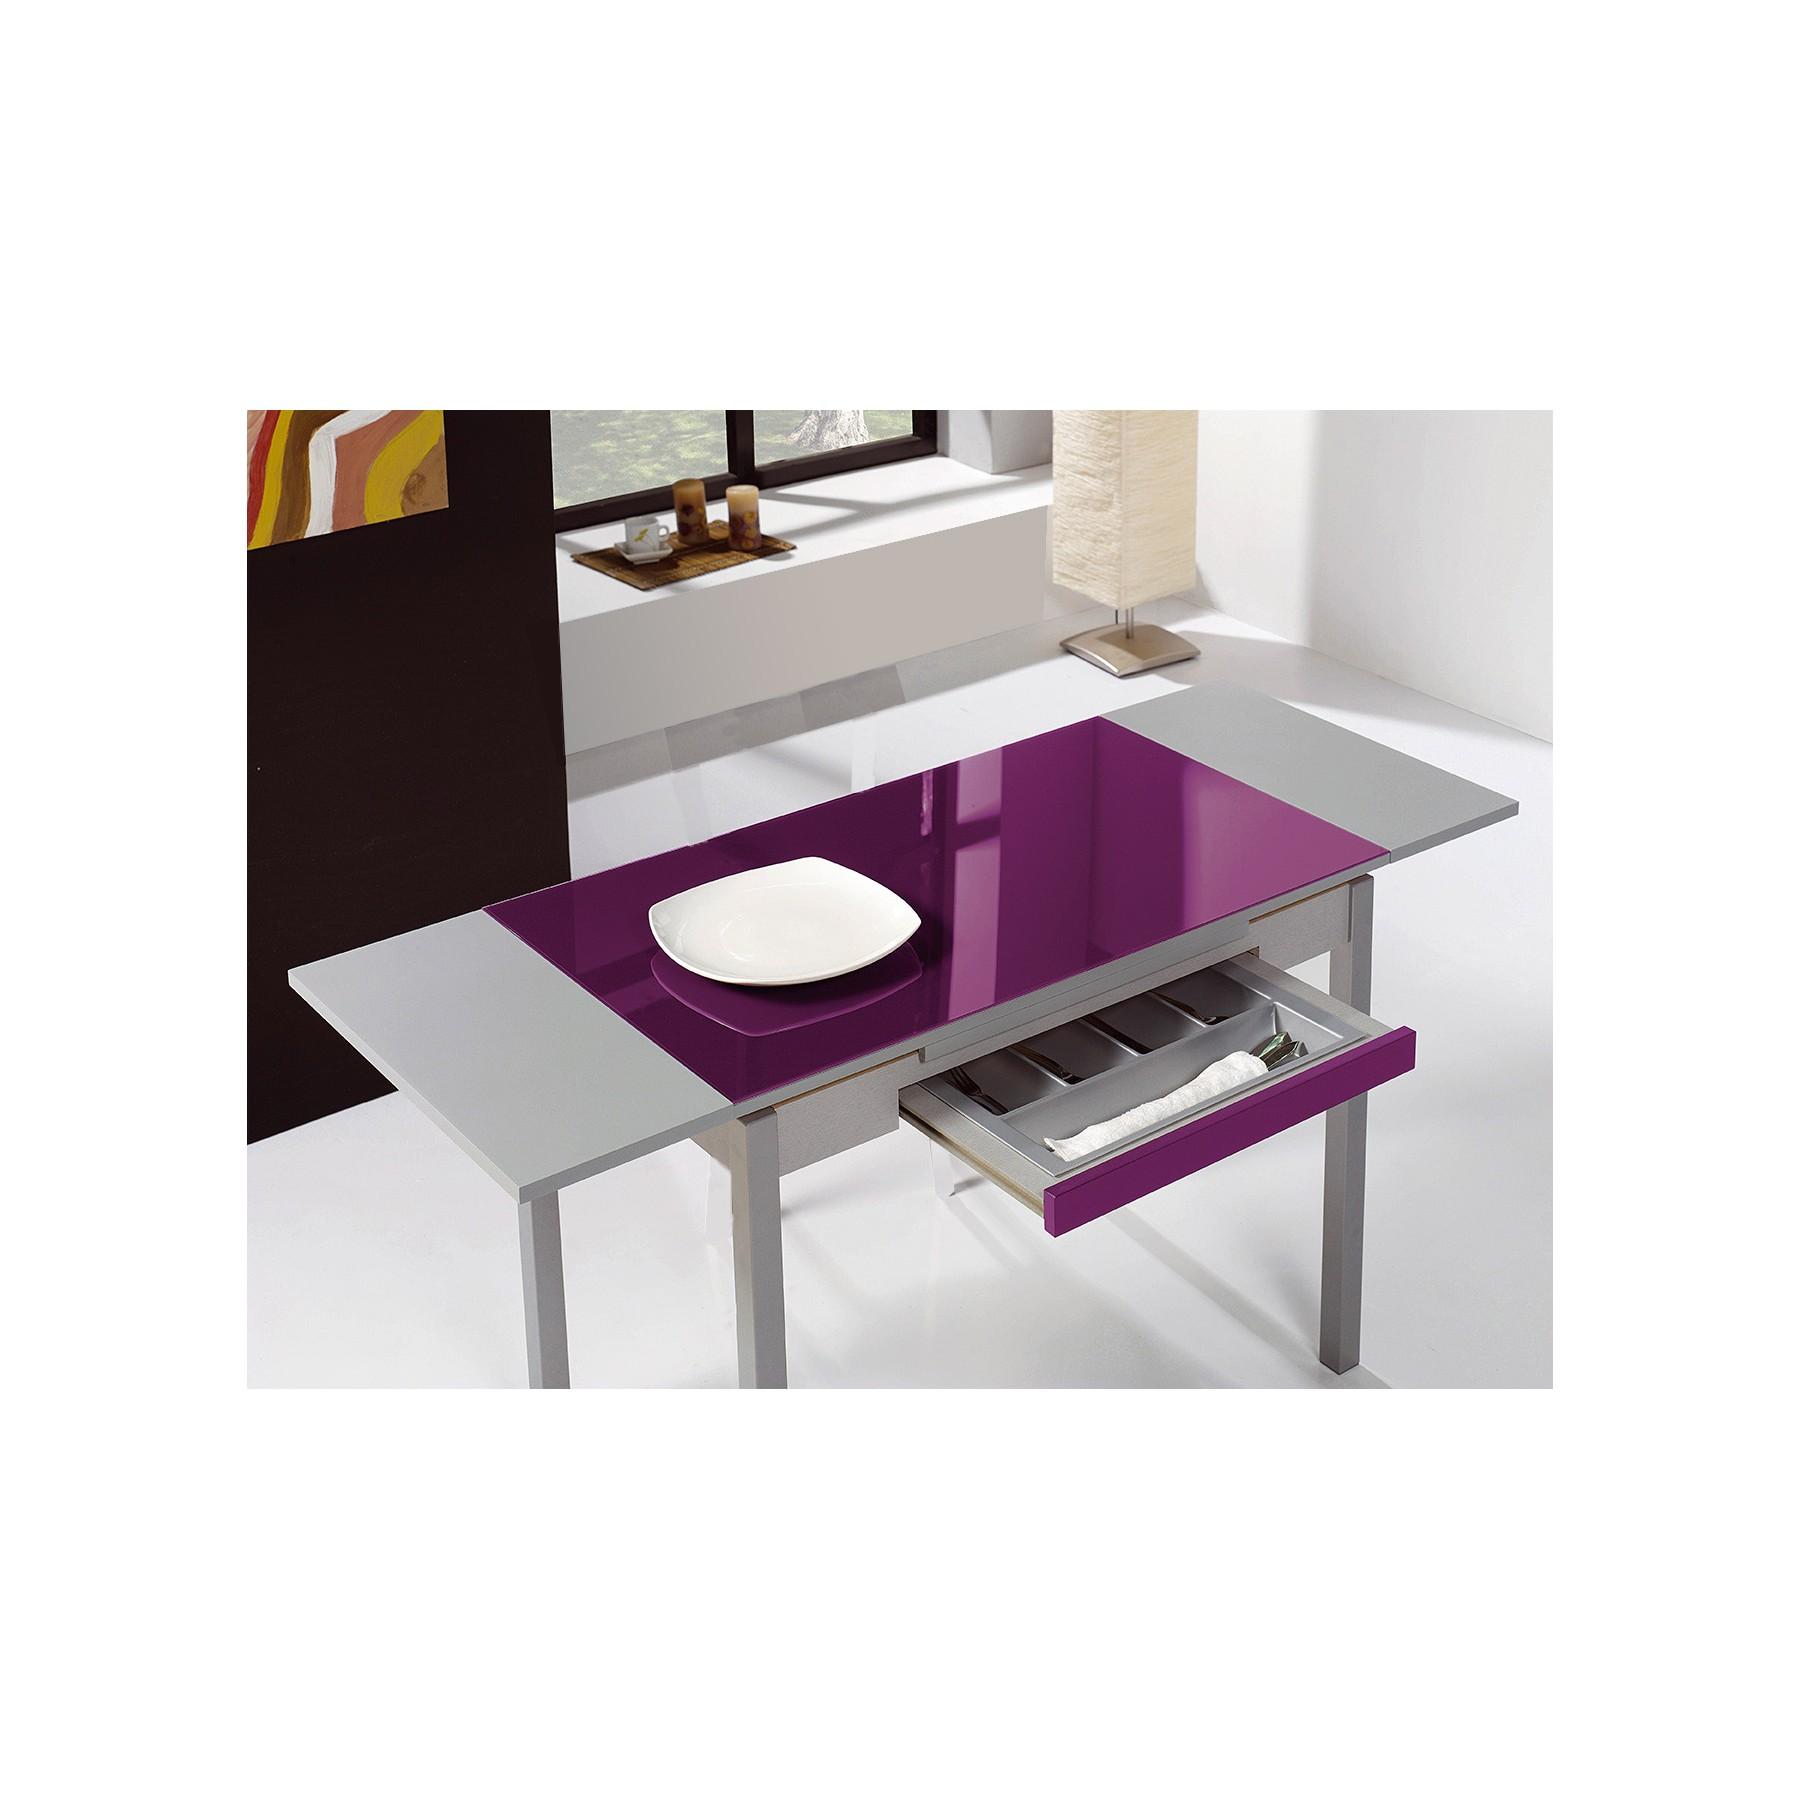 Oferta entrega express Mesa de cocina extensible Modelo A